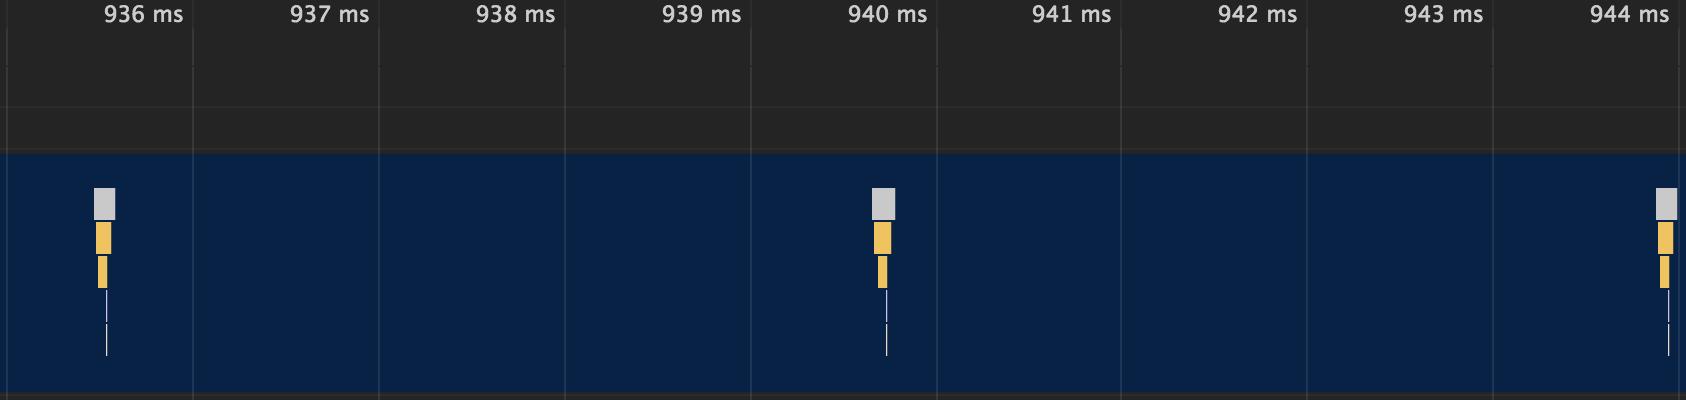 Что ты такое, Event Loop? Или как устроен цикл событий в браузере Chrome - 4